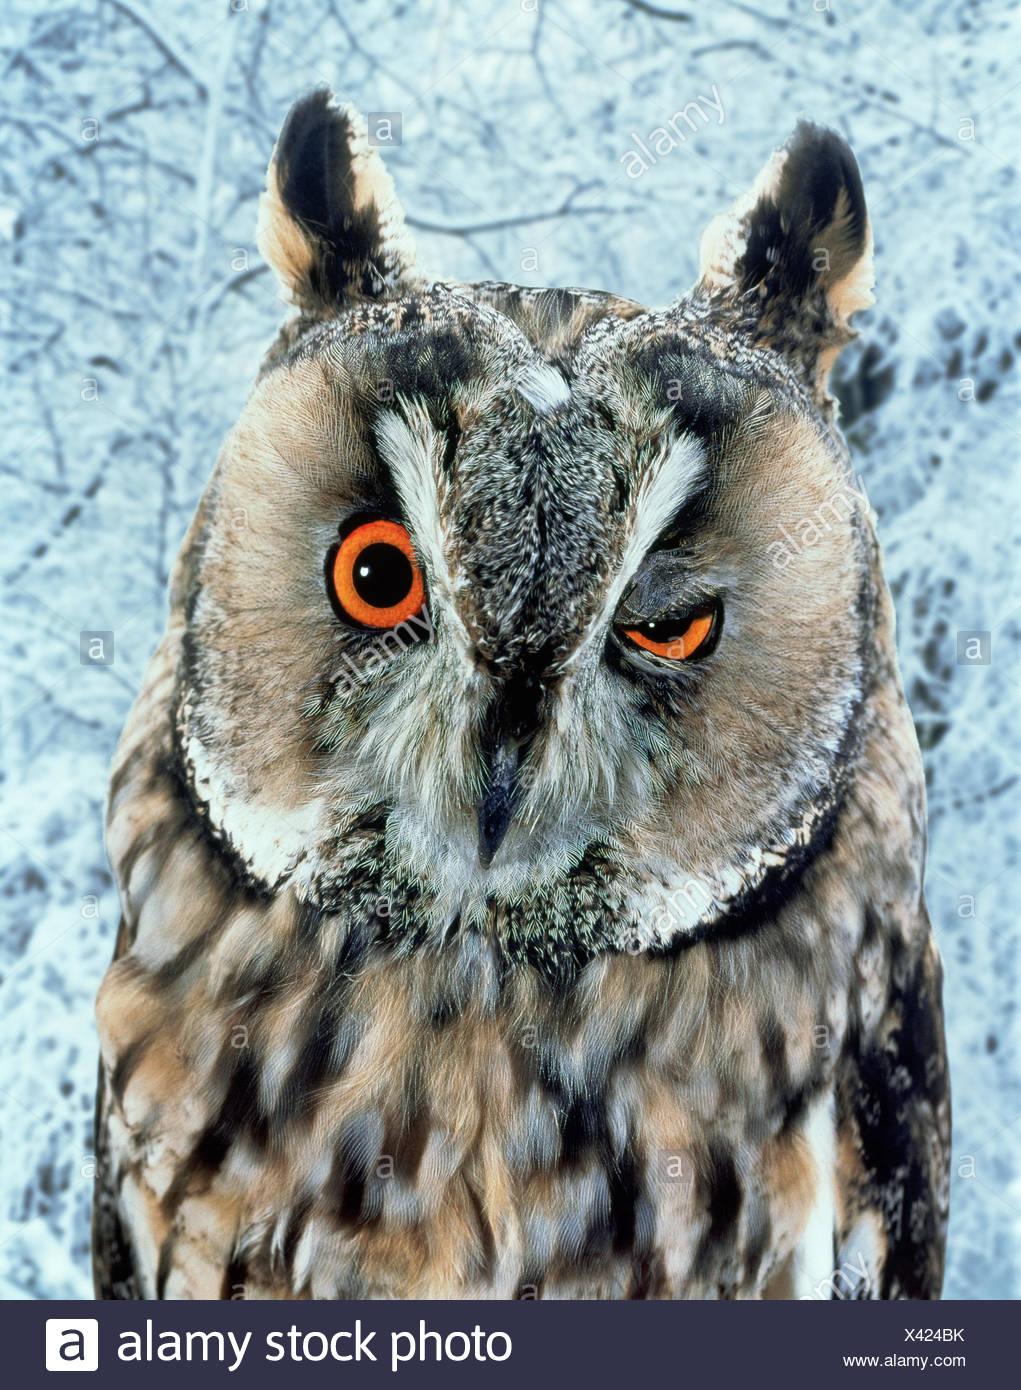 Owl blinking / winking (digitally enhanced) captive - Stock Image